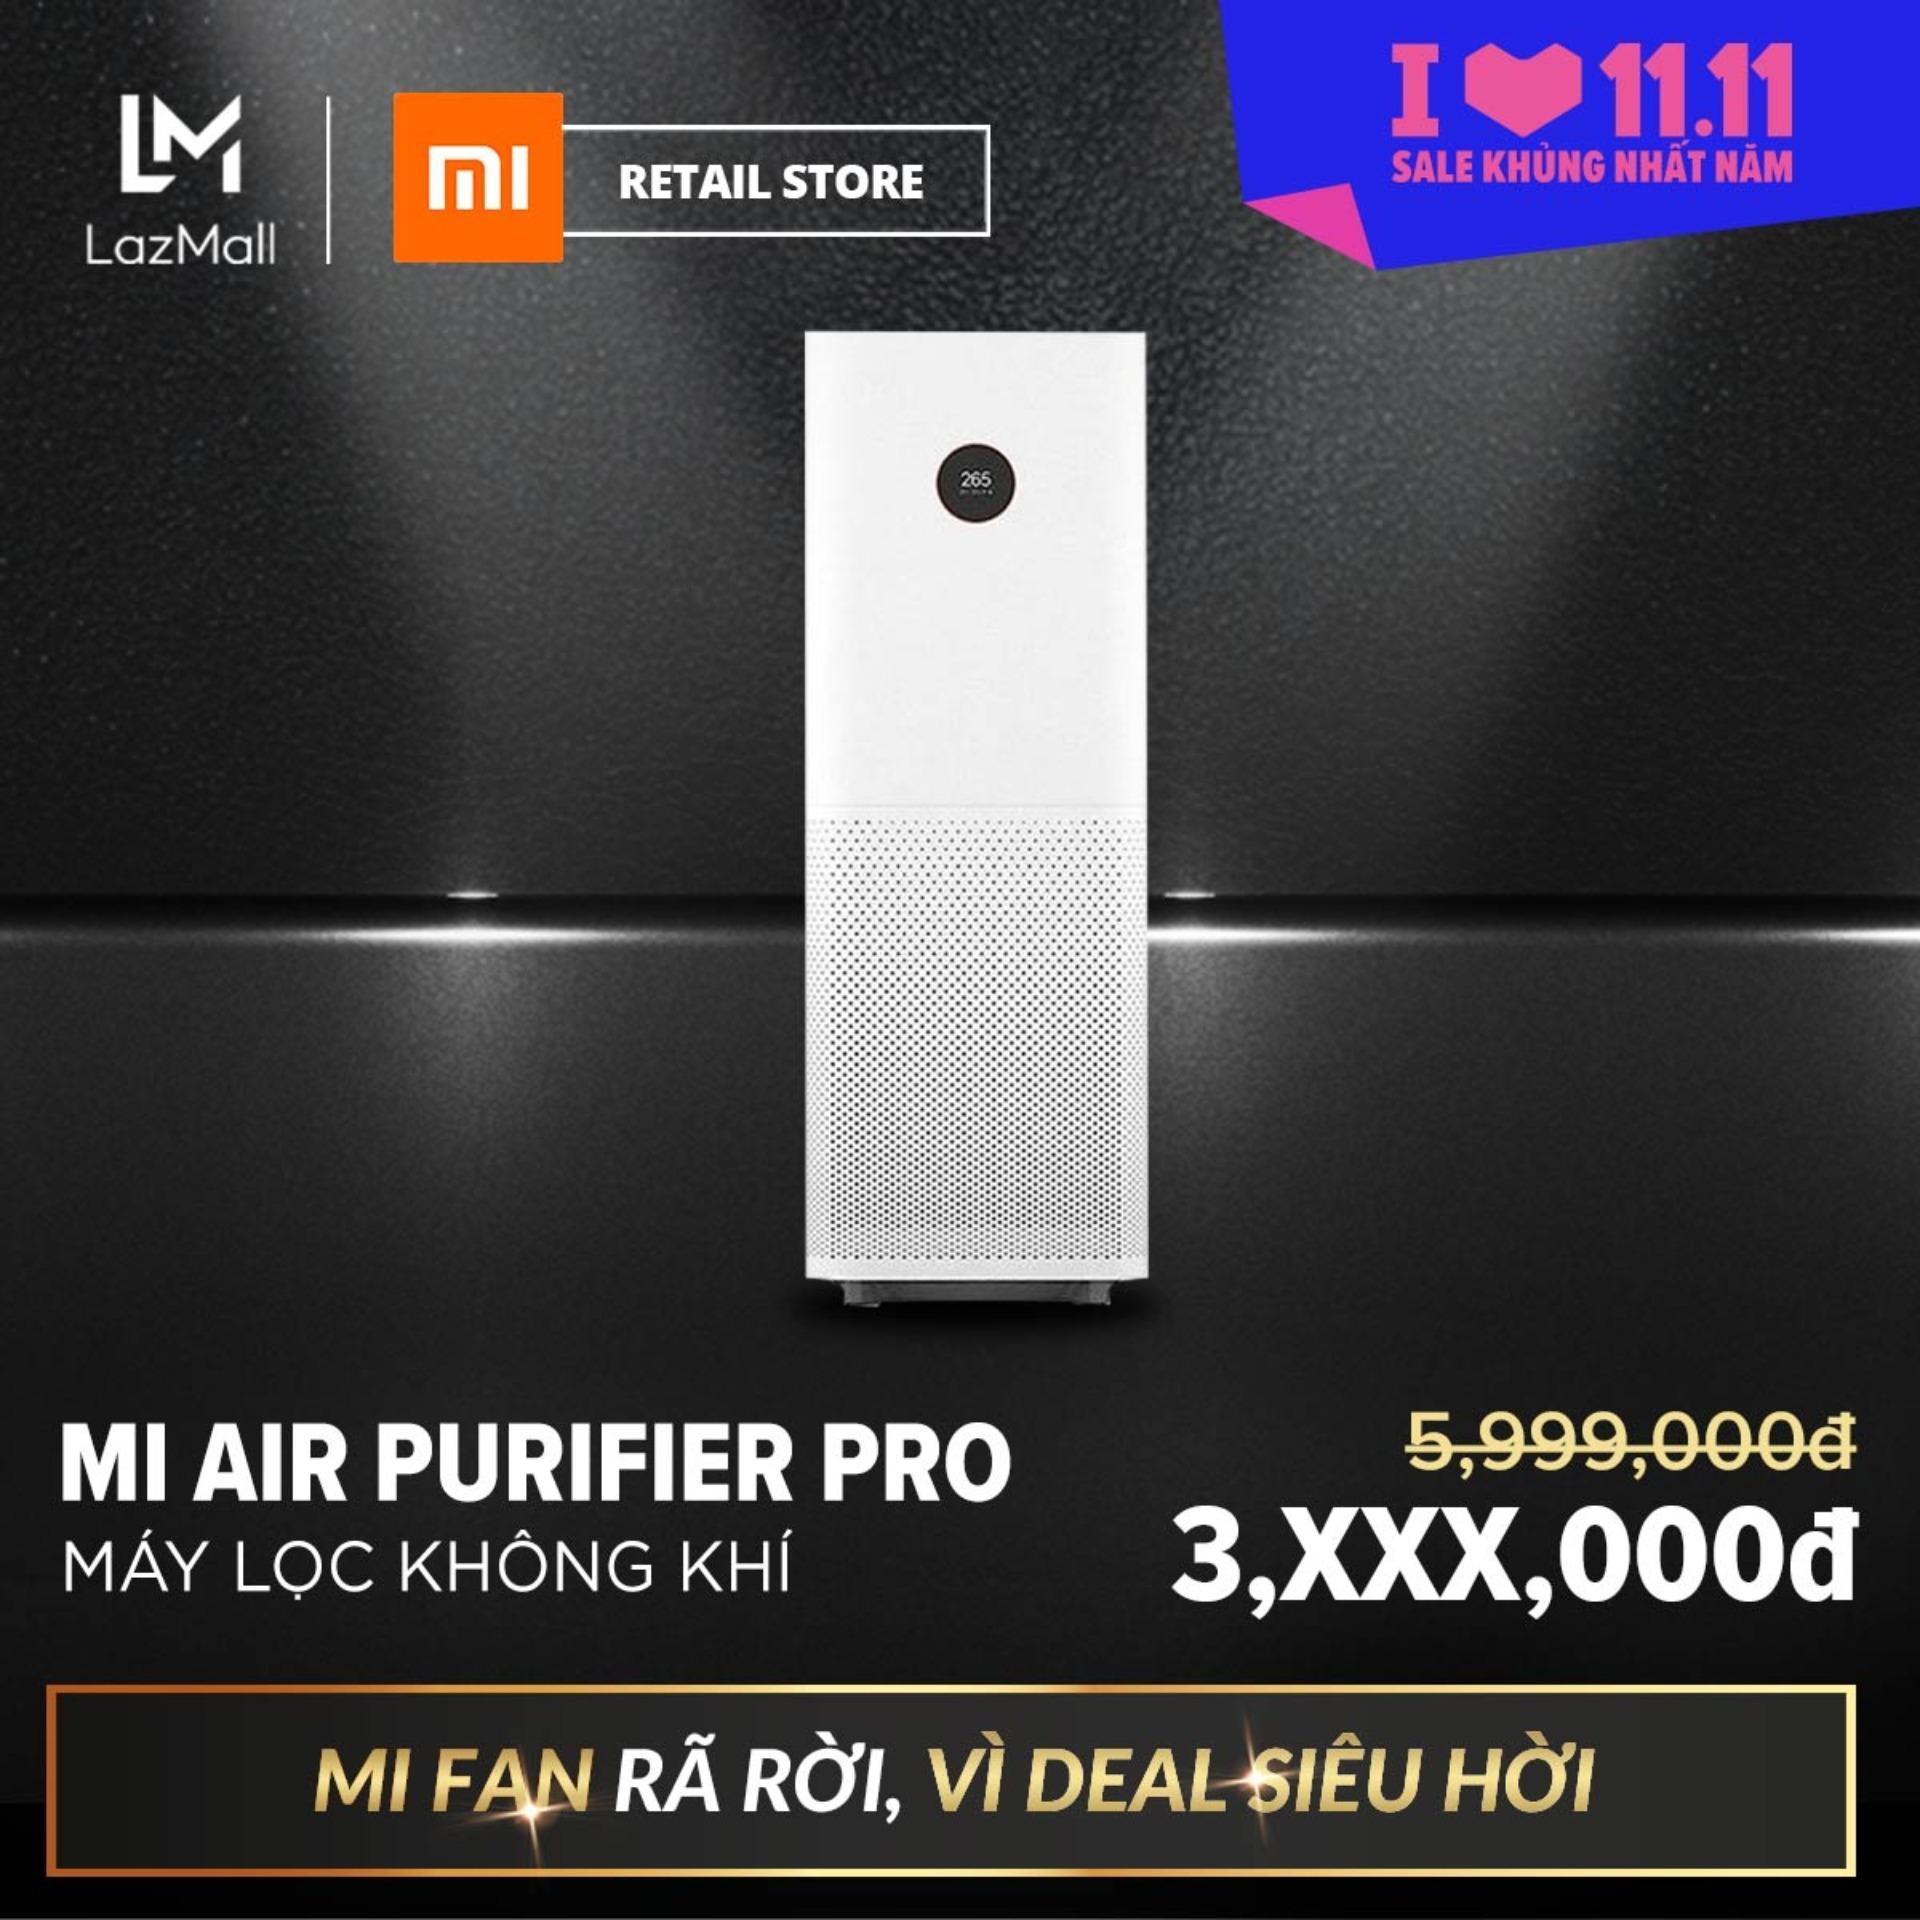 Bảng giá Máy lọc không khí Xiaomi Mi Air Purifier Pro/EU FJY4013GL (Trắng) - Hàng phân phối chính hãng, phù hợp diện tích 35-60 m2